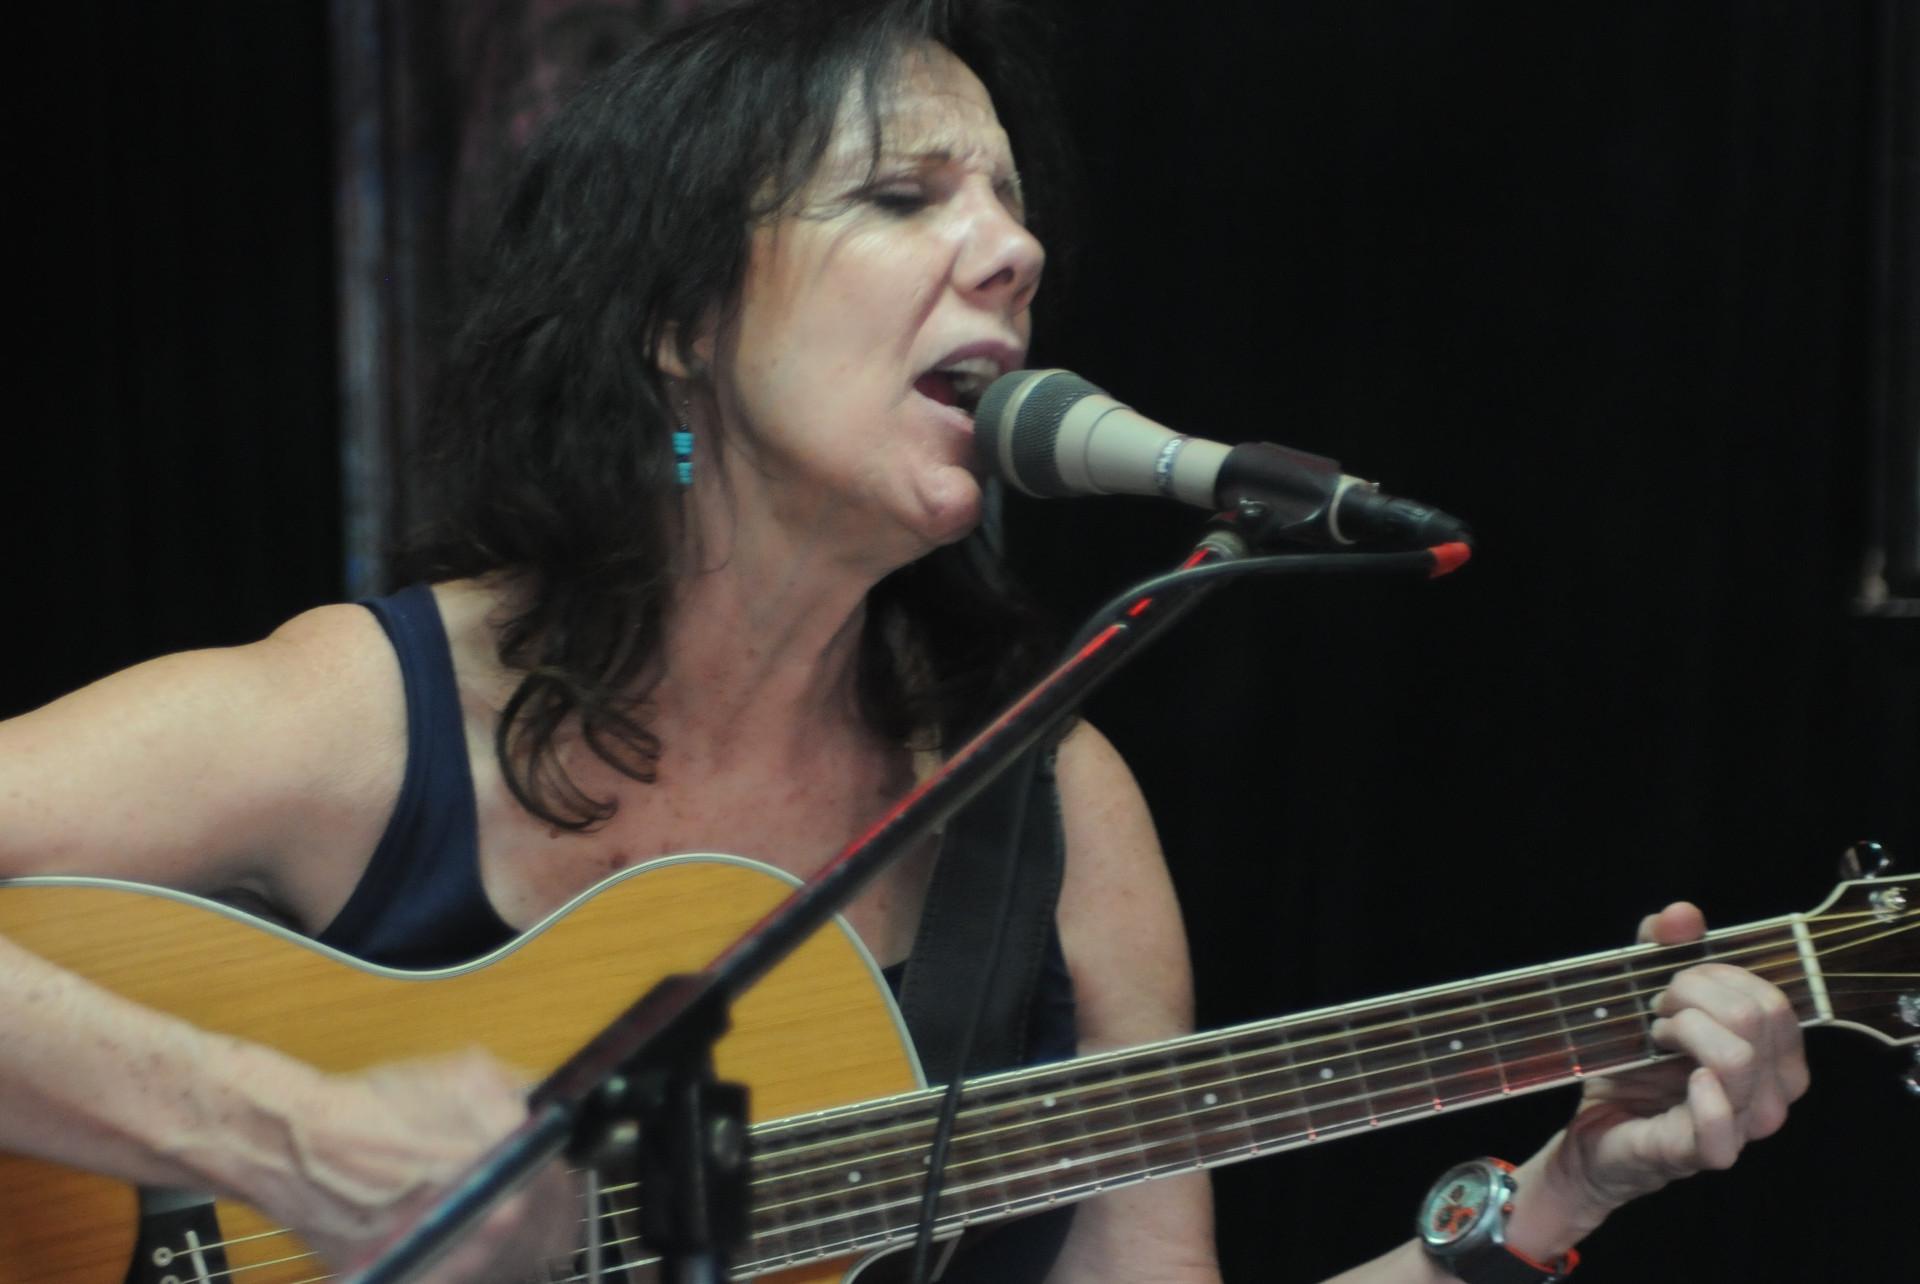 Katrina singing and playing guitar at The Cove